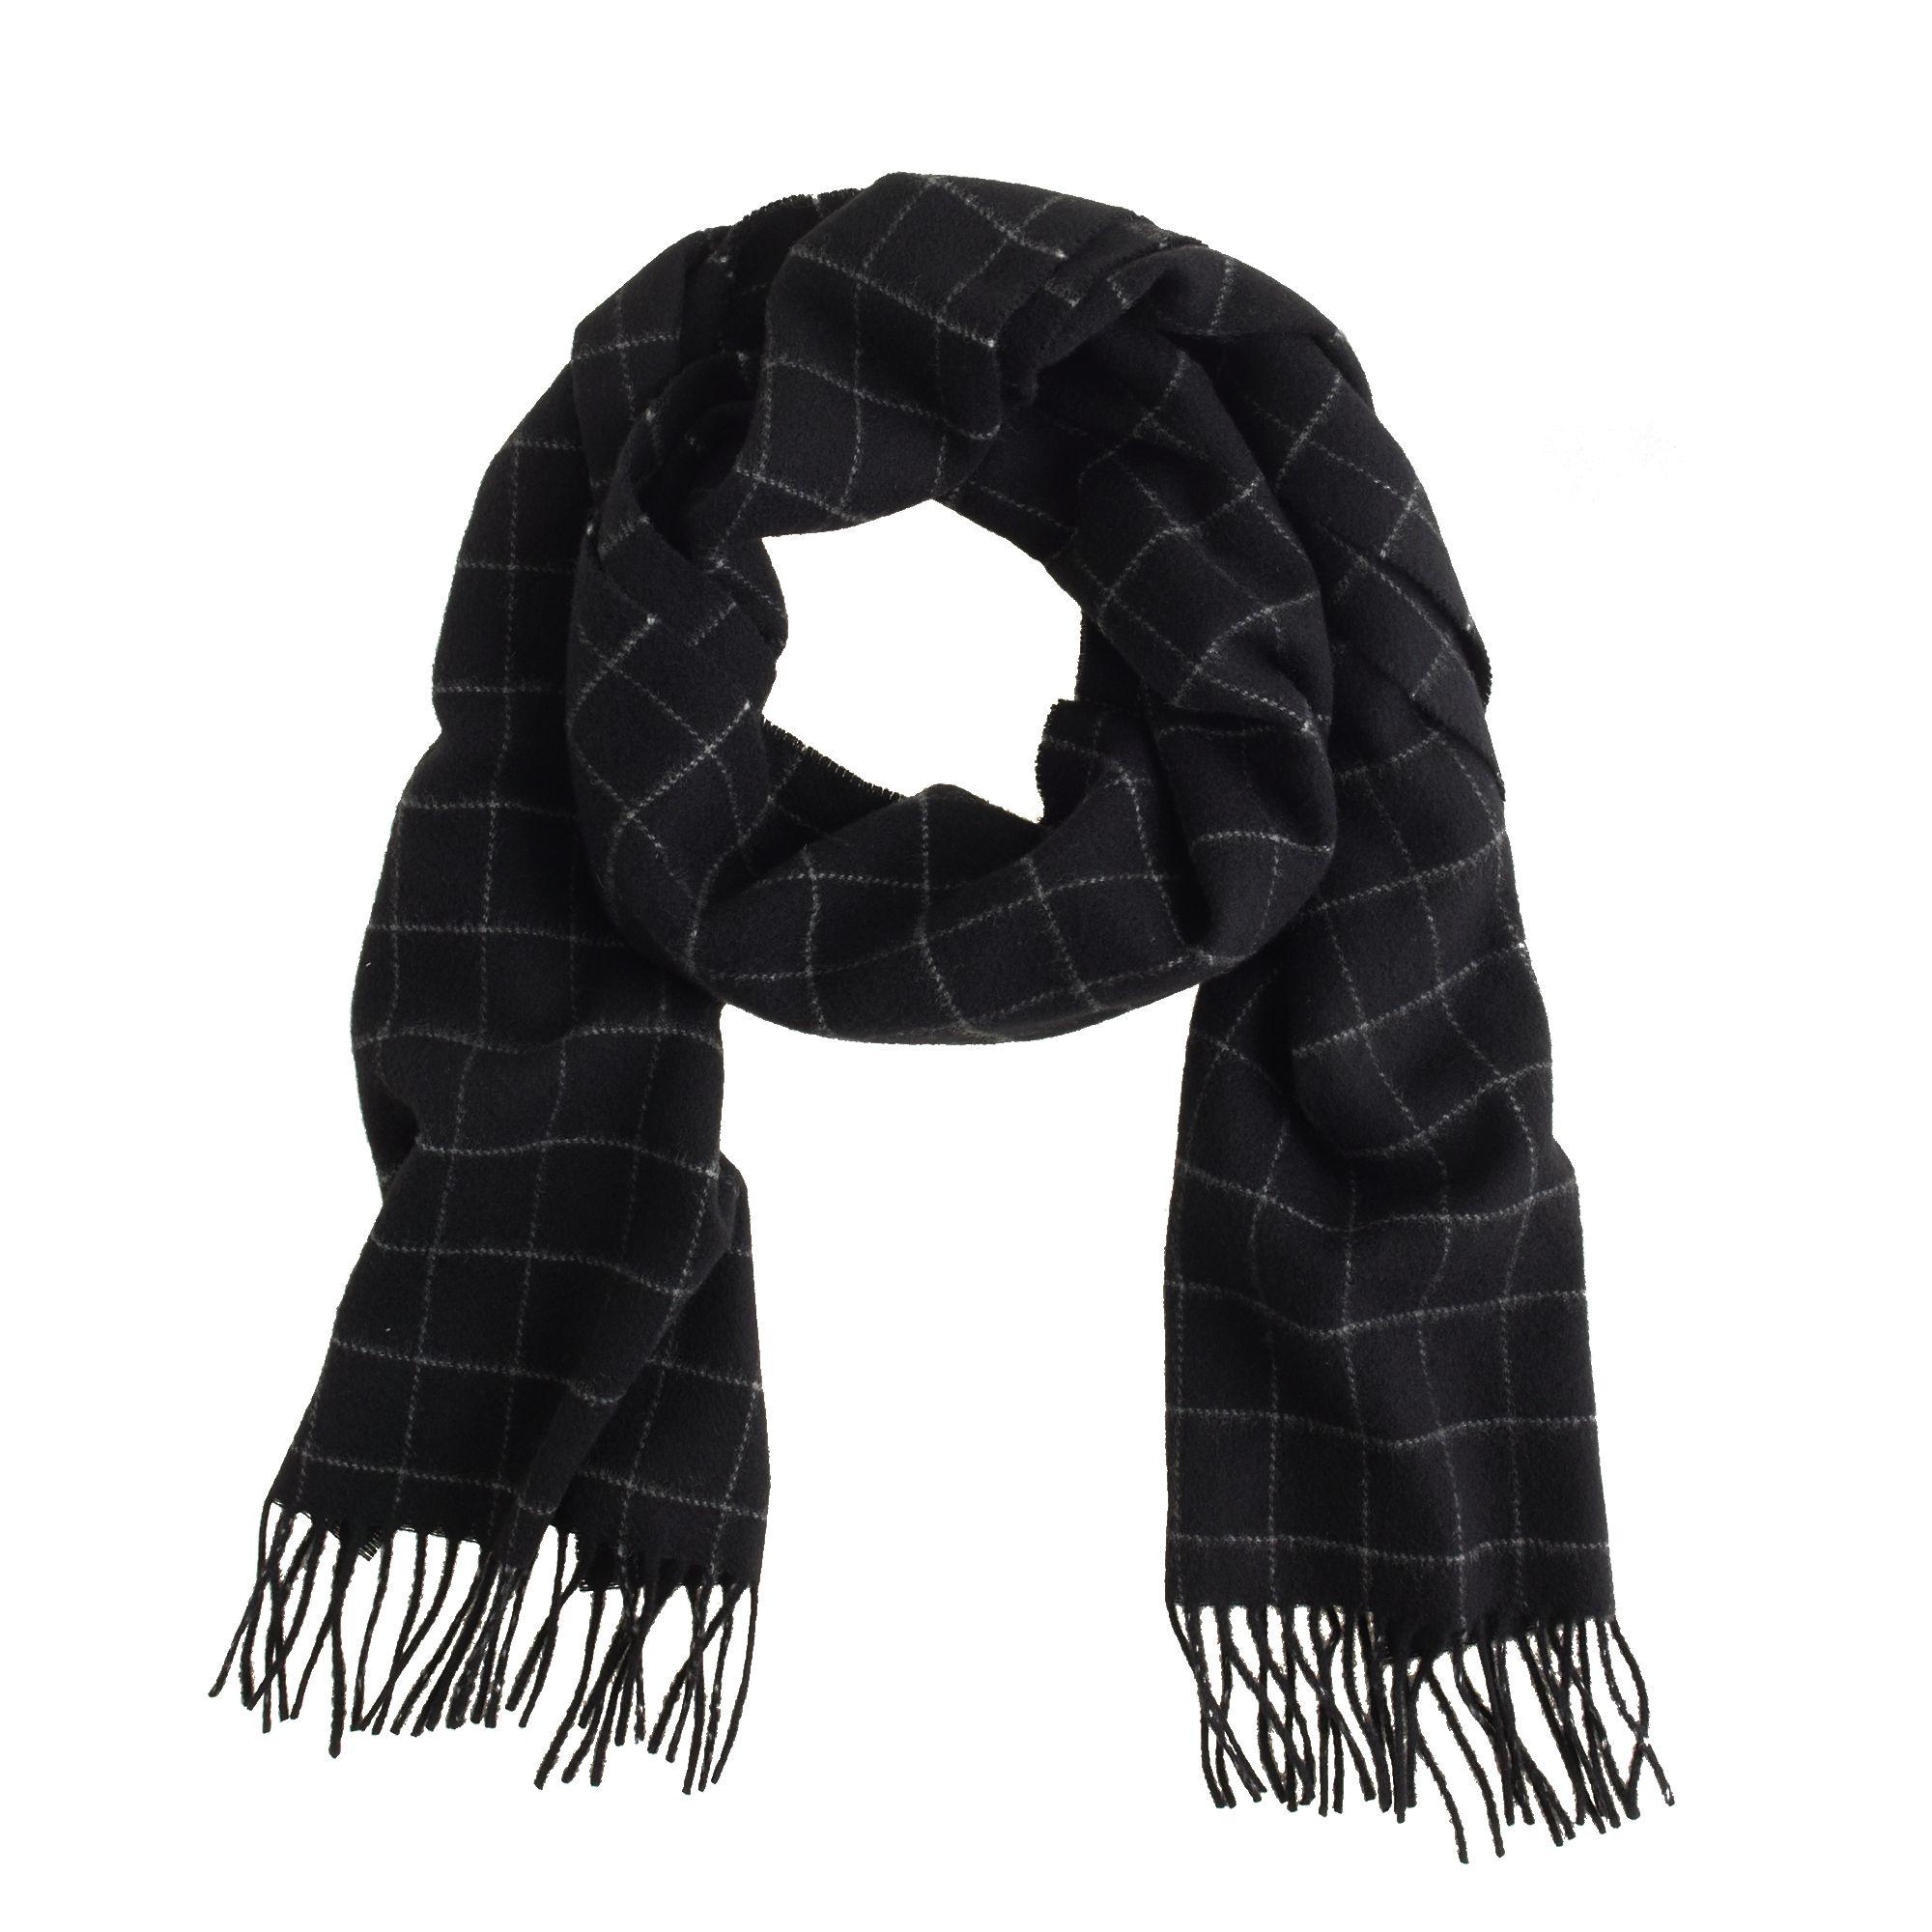 ACCESSORIES - Oblong scarves Merchant Archive wH6qs7zu